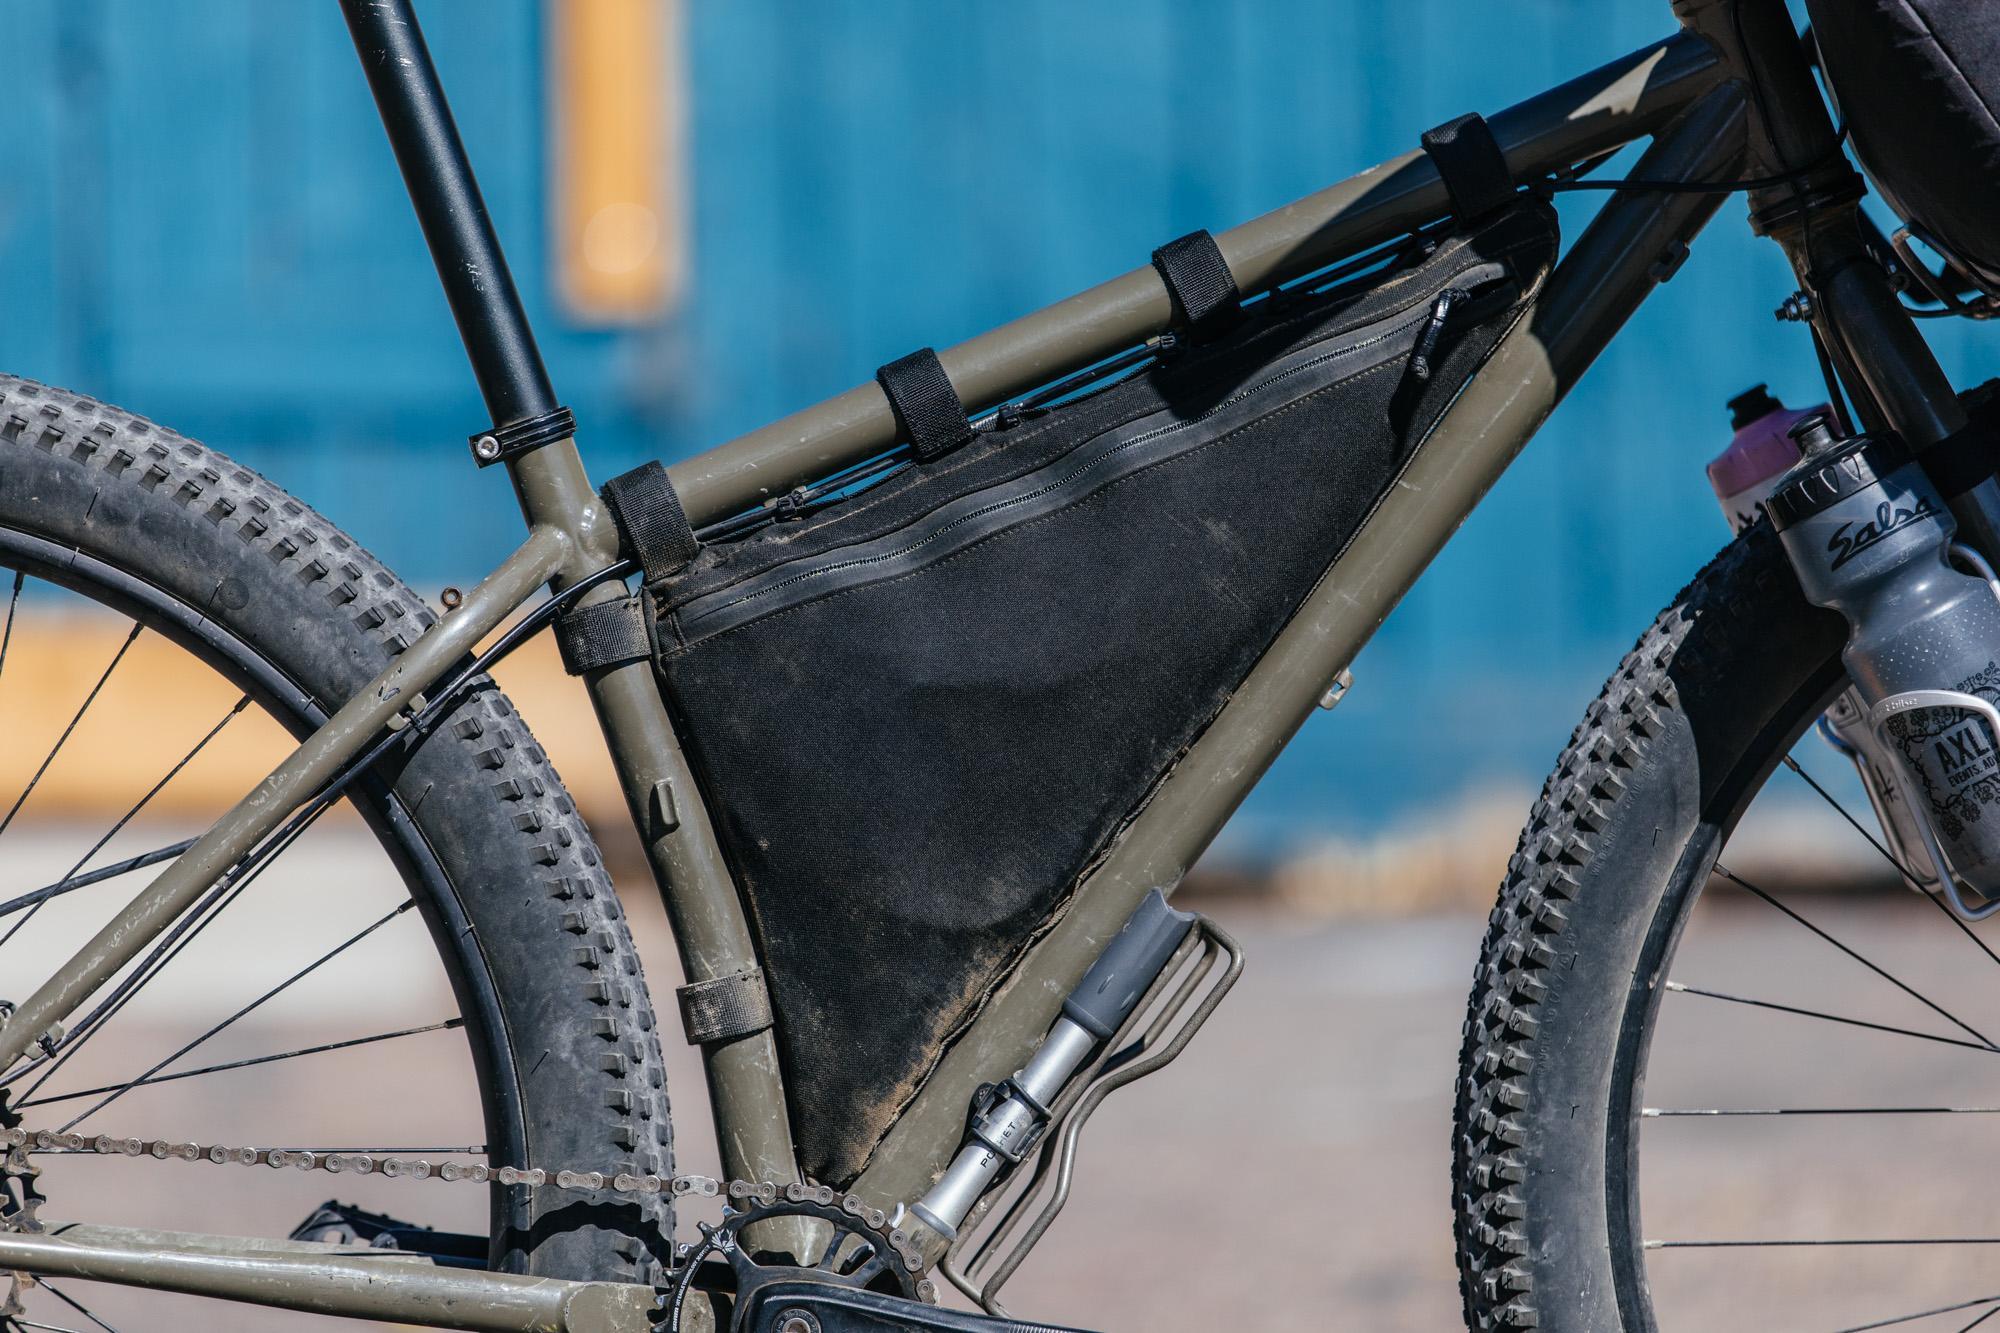 Jeff's 29er Karate Monkey Touring Bike